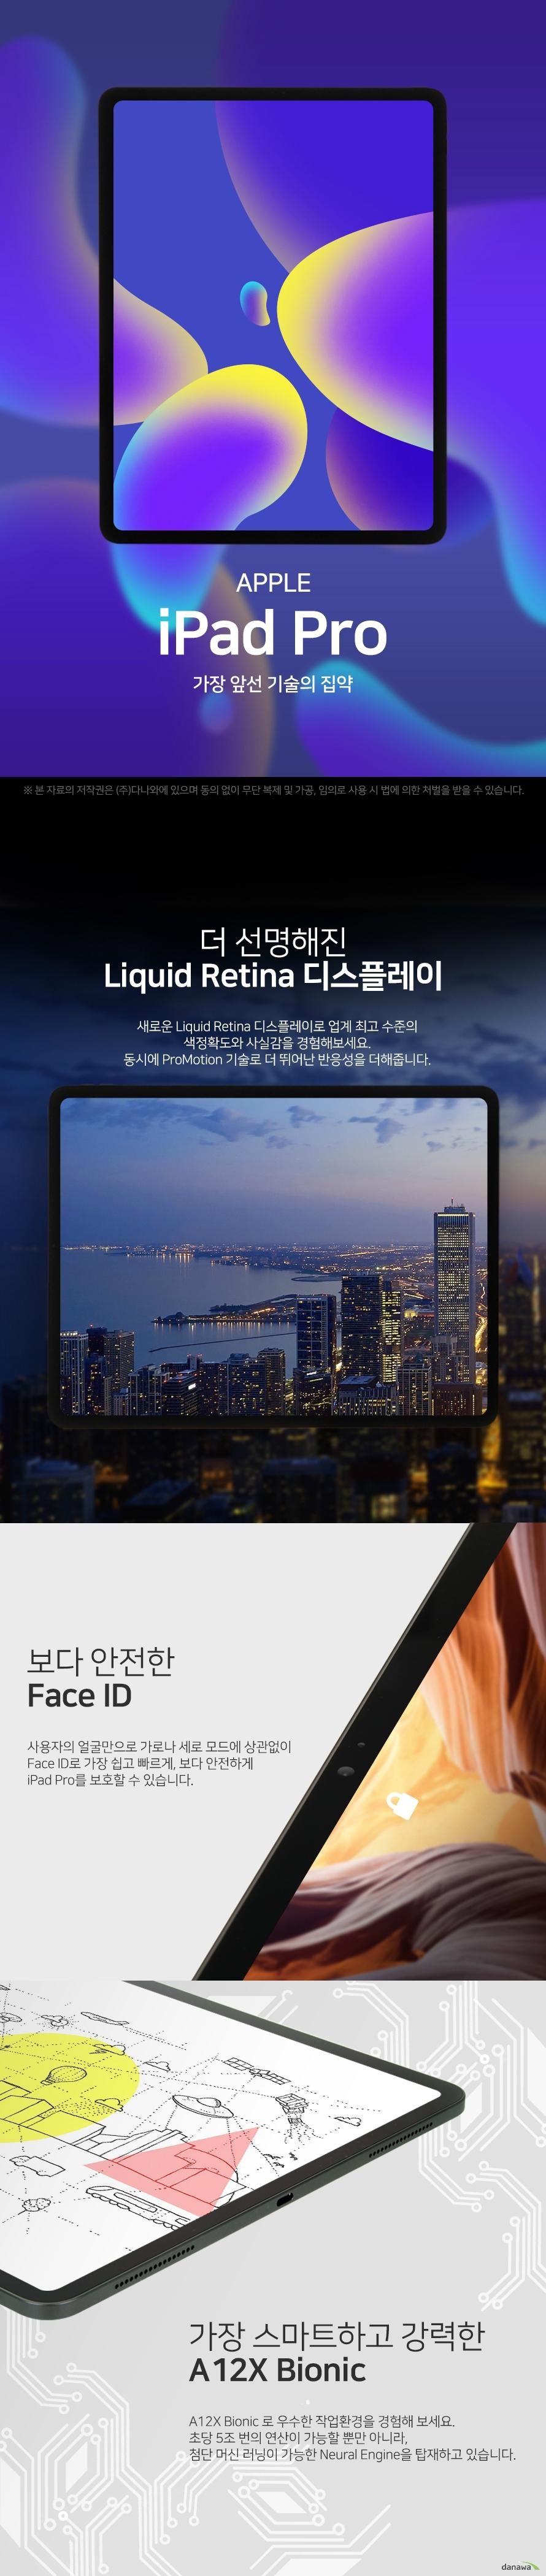 APPLE iPad Pro 가장 앞선 기술의 집약 더 선명해진 Liquid Retina 디스플레이 새로운 Liquid Retina 디스플레이로 업계 최고 수준의 색 정확도와 사실감을 경험해보세요 동시에 ProMotion 기술로 더 뛰어난 반응성을 더해줍니다 보다 안전한 Face ID 사용자의 얼굴만으로 가로나 세로 모드에 상관없이 Face ID로 가장 쉽고 빠르게 보다 안전하게 iPad Pro를 보호할 수 있습니다 가장 스마트하고 강력한 A 12X Bionic A 12X Bionic로 우수한 작업 환경을 경험해보세요 초당 5조 번의 연산이 가능할 뿐만 아니라 첨단 머신 러닝이 가능한 Neural Engine을 탑재하고 있습니다 우수한 성능의 카메라 iPad Pro의 놀라운 성능의 카메라는 선명한 사진과 영상을 표현해냅니다 원하는 사진을 최대 4K의 해상도로 마음껏 촬영해보세요 USB Type C로 가능해진 무한한 가능성의 시작 USB Type C는 외부 디스플레이나 카메라 같은 다양한 액세서리를 연결할 수 있습니다 다양한 기기와의 무한한 가능성을 경험해보세요 5점 9mm 초슬림 이제껏 가장 얇은 iPad Pro는 뛰어난 휴대성을 자랑합니다 출장 시에나 이동 시에도 편리하게 휴대하며 작업할 수 있습니다 뛰어난 퍼포먼스를 가장 얇은 두께로 경험해보세요 새로워진 Apple Pencil과 함께 당신의 터치에 반응하는 Apple Pencil로 멈추지 않고 더욱 효율적으로 작업해보세요 부착하기만 하면 페어링도 되고 충전도 가능합니다 Specification 화면 정보 화면 크기 32점 76cm 12점 9인치 디스플레이 IPS LCD 해상도 2732x2048 ppi 264ppi 시스템 정보 CPU 제조사 애플 CPU 명 A12X 코어 수 옥타 8 코어 RAM 용량 4GB 저장 용량 내장 64GB 저장 매체 SSD 추가 메모리 슬롯 micro SD 미지원 네트워크 규격 태블릿 통신 LTE Wi Fi Wi Fi 주파수 802점 11 a b g n ac 블루투스 버전 블루투스 v5 점 0 카메라 성능 후면 카메라 1200만 화소 전면 카메라 700만 화소 카메라 플래시 LED 플래쉬 지원 4K 촬영 가능 센서 자이로 센서 가속도 센서 나침반 센서 근접 센서 단자 배터리 USB 충전 단자 USB 타입 C USB 풀사이즈 미지원 HDMI 미지원 MHL 미지원 전용 터치펜 별매 전용 키보드 별매 배터리 용량 36점 71Wh 제품의 외관 사양 등은 제품 개선을 위해 사전 예고 없이 변경될 수 있습니다